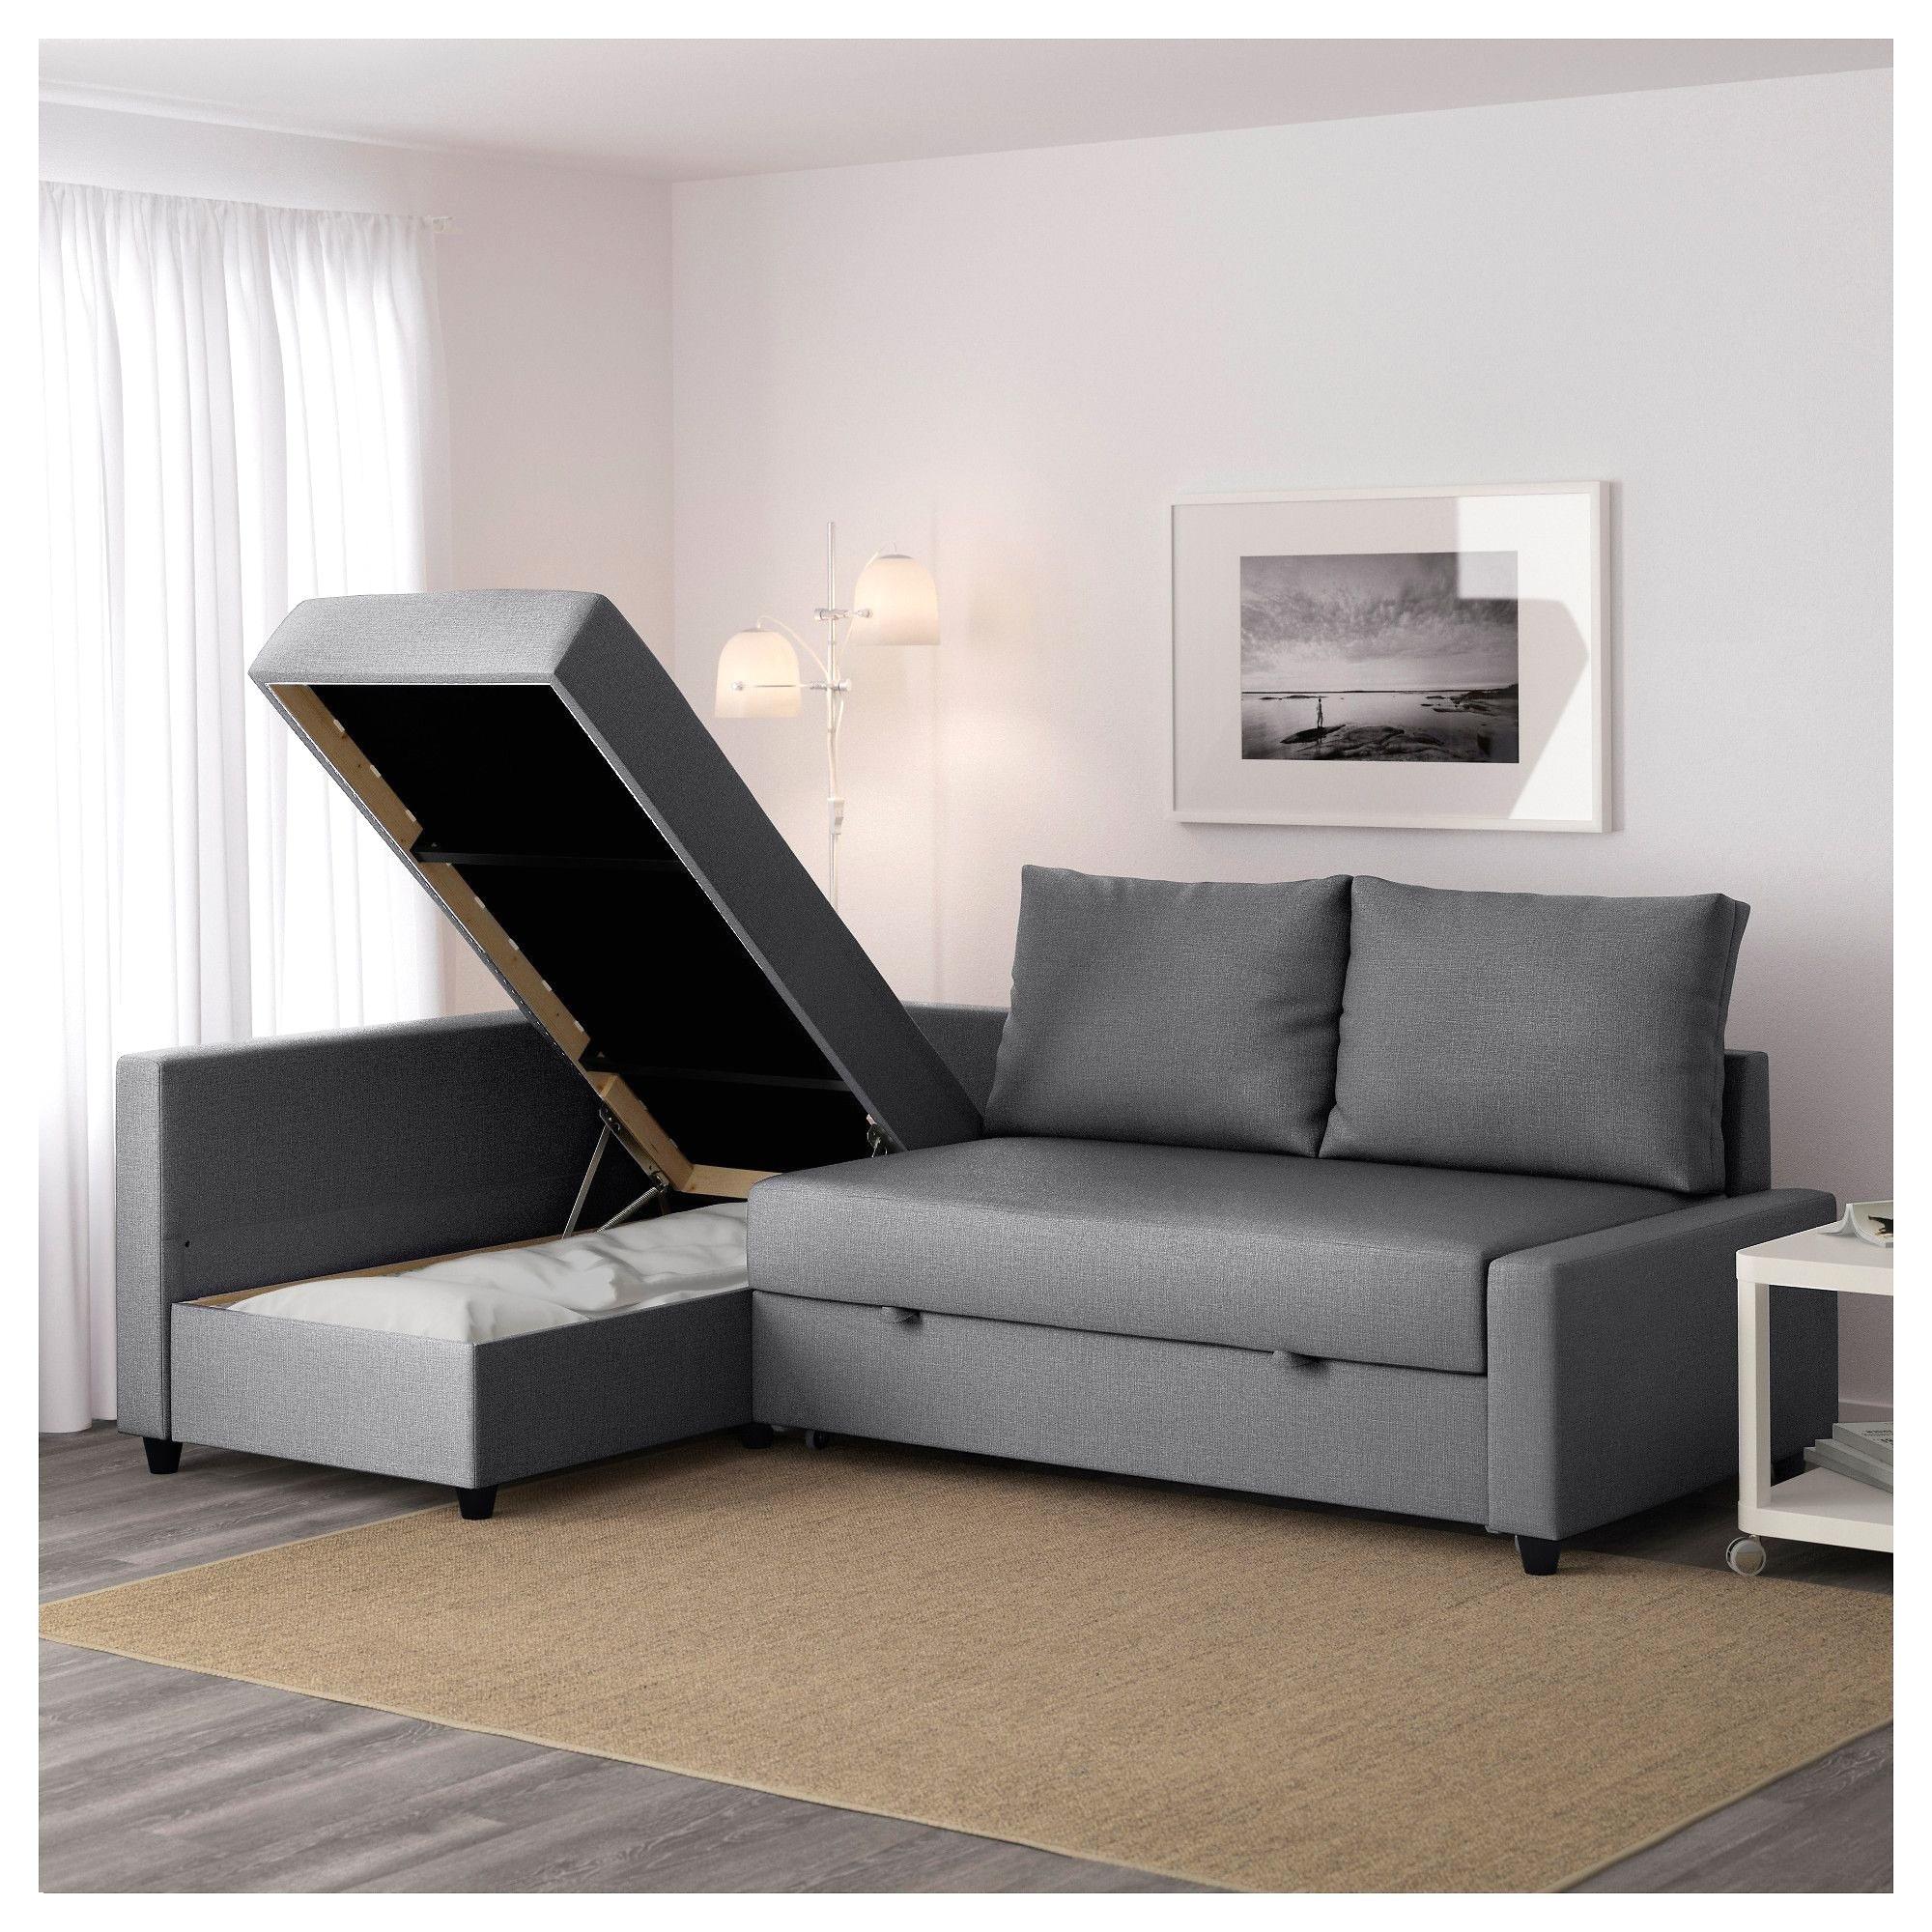 2er Sofa Ikea